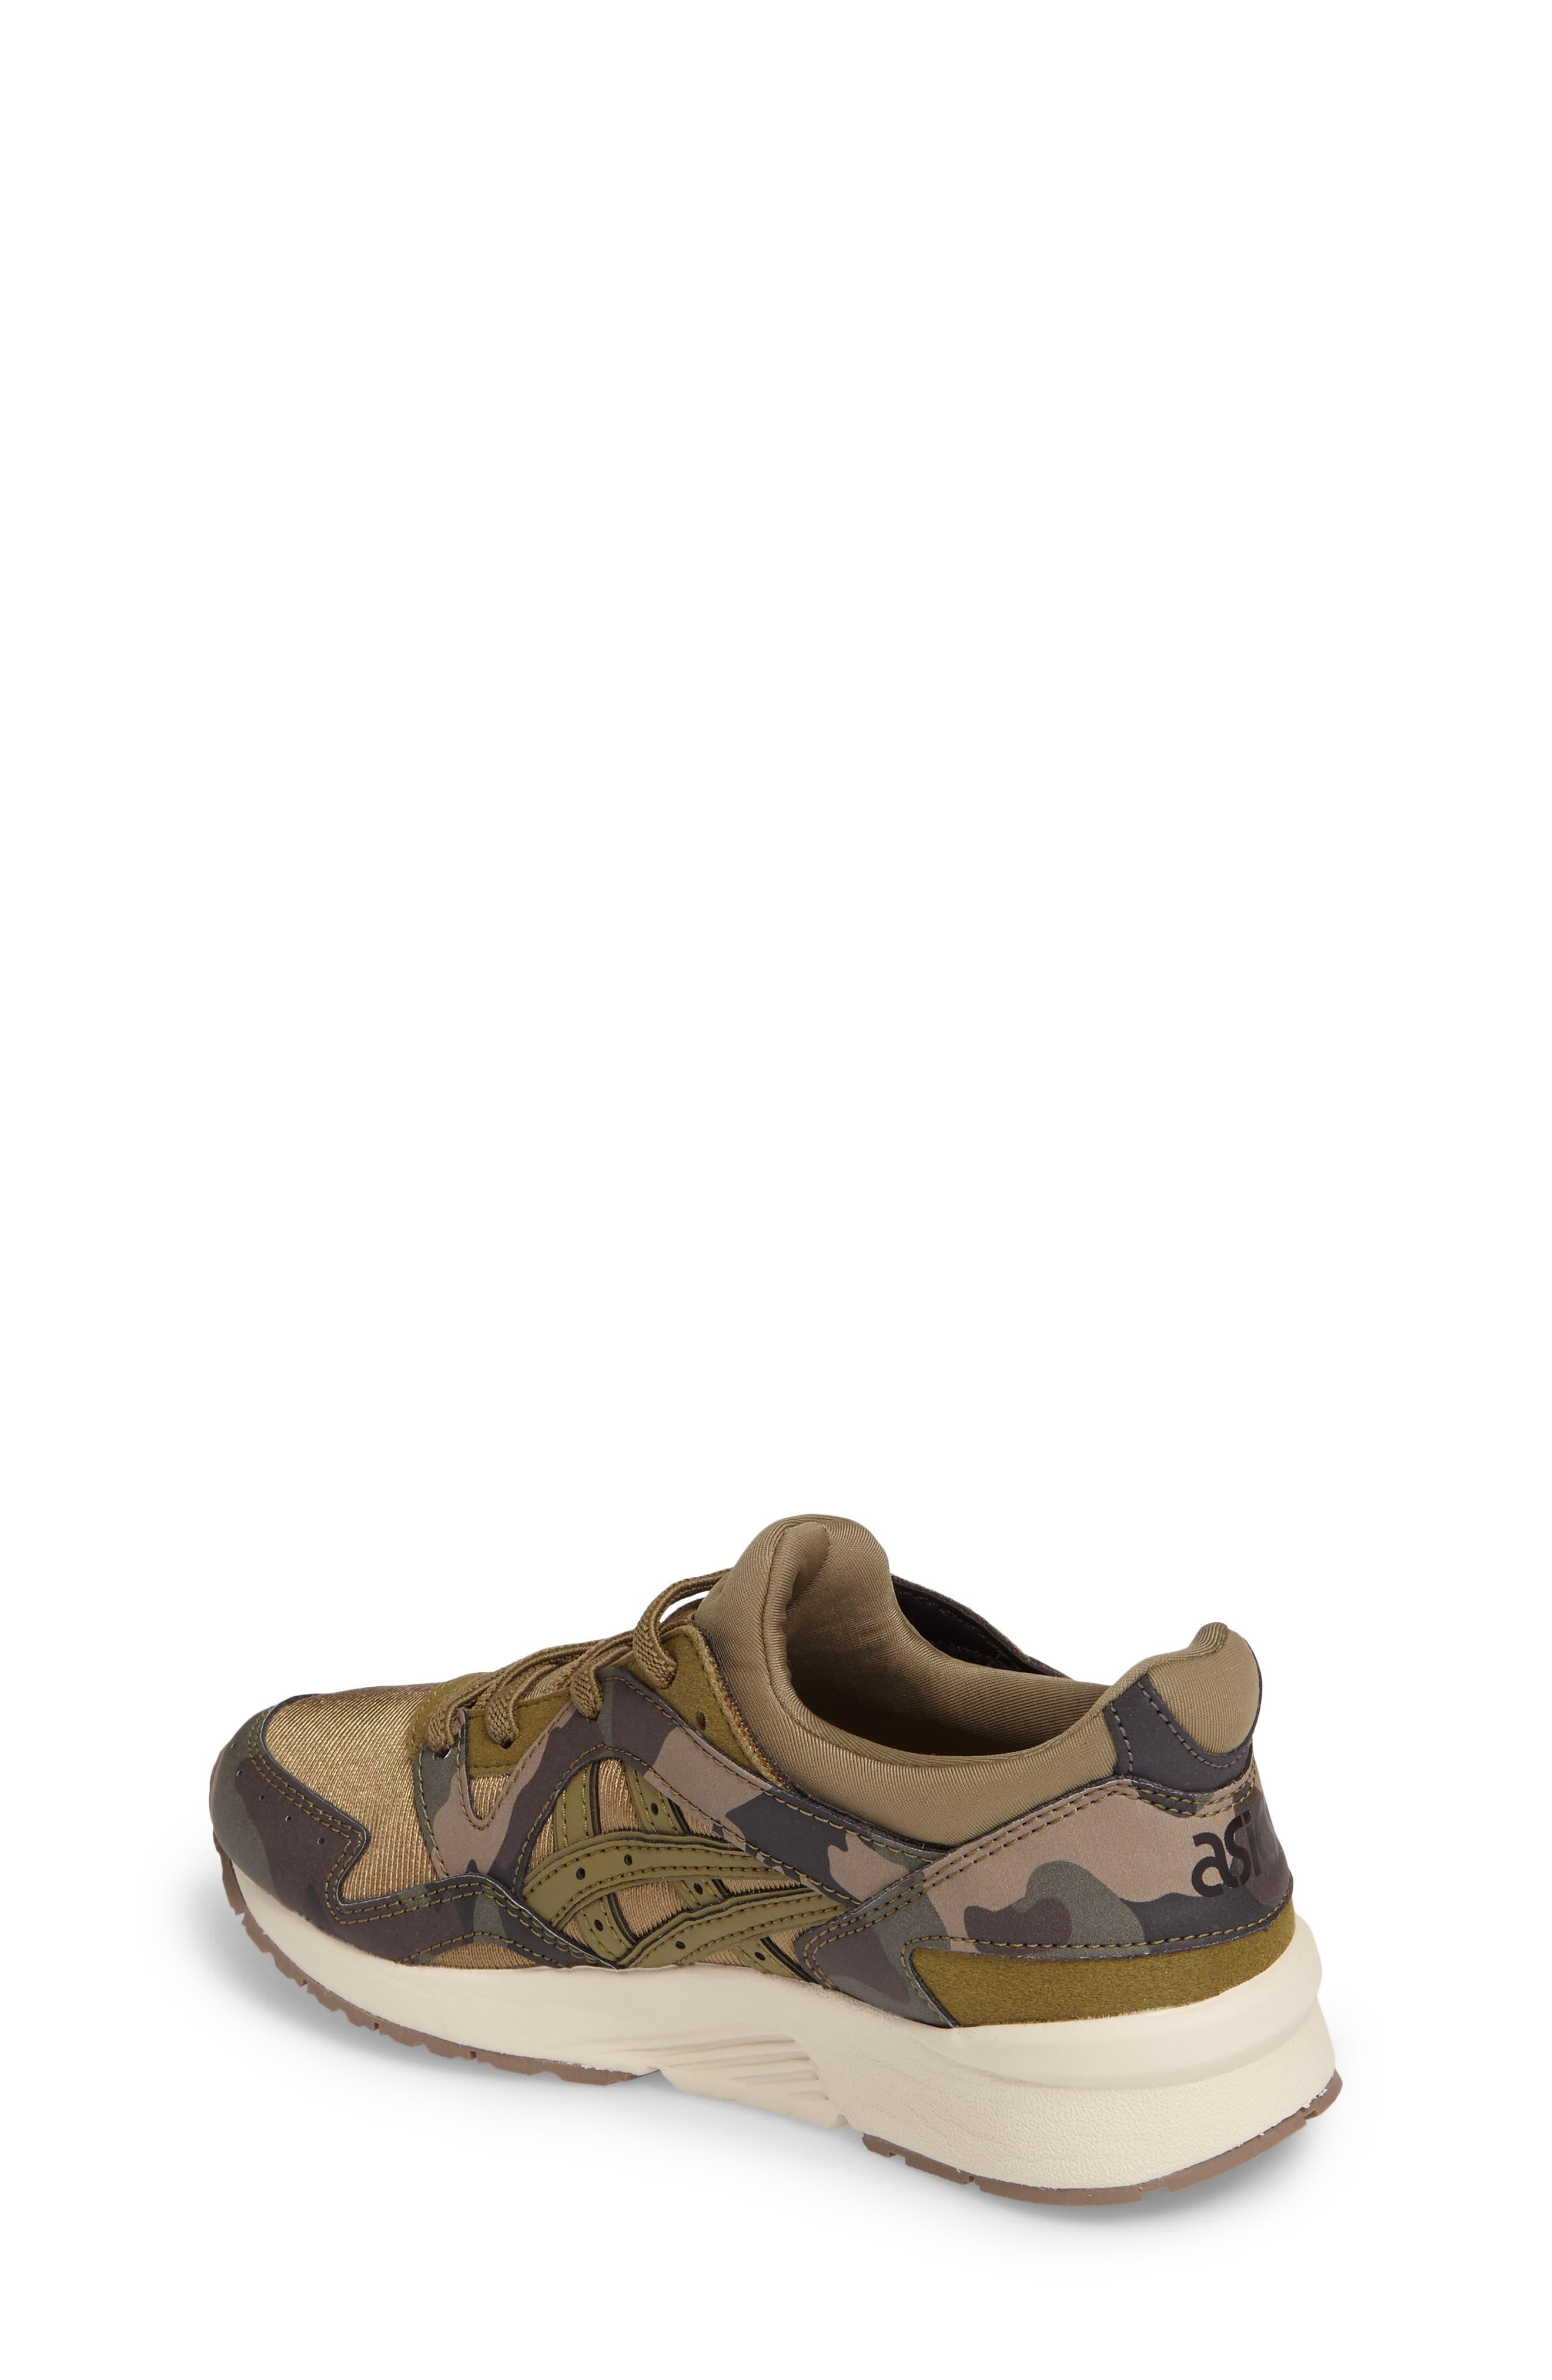 Alternate Image 2  - ASICS® GEL-LYTE® V PS Sneaker (Toddler & Little Kid)